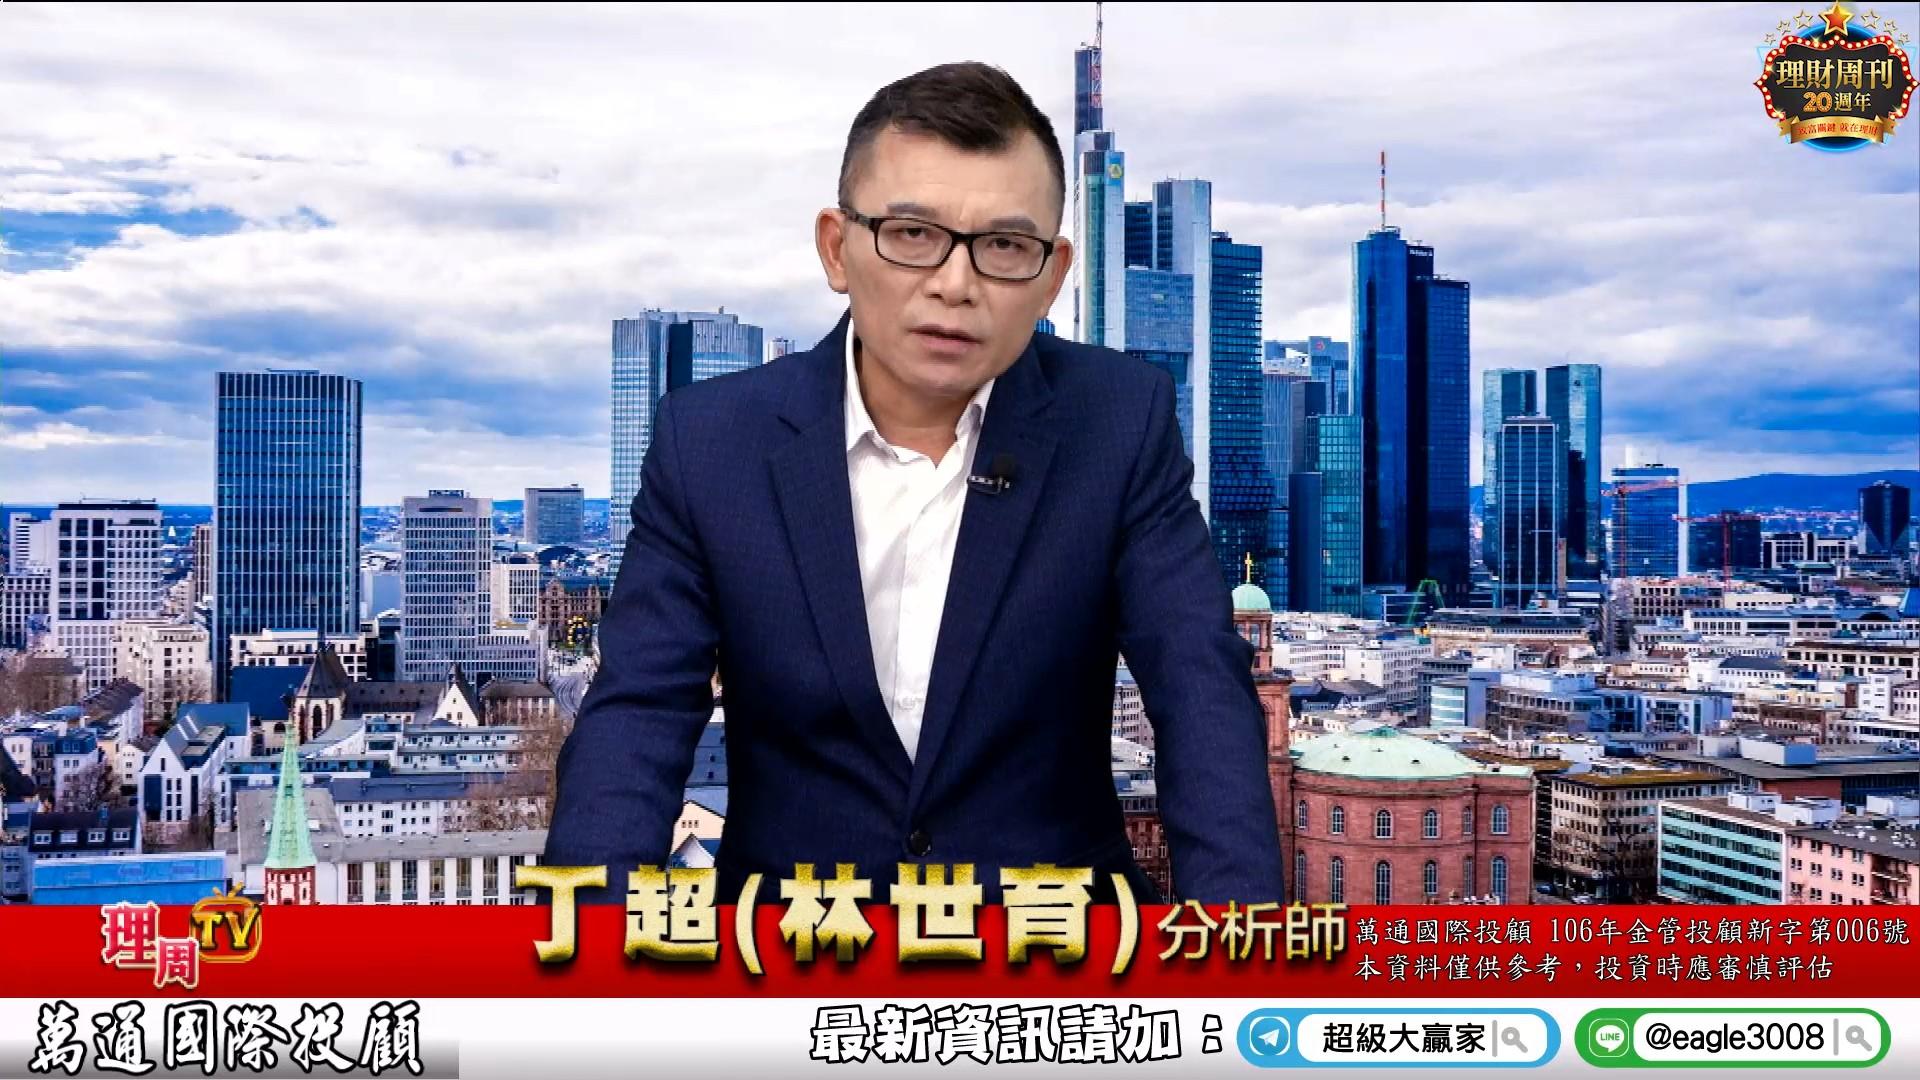 0528_生技防疫股開始大跌 國光生 亞諾法 寶齡富錦